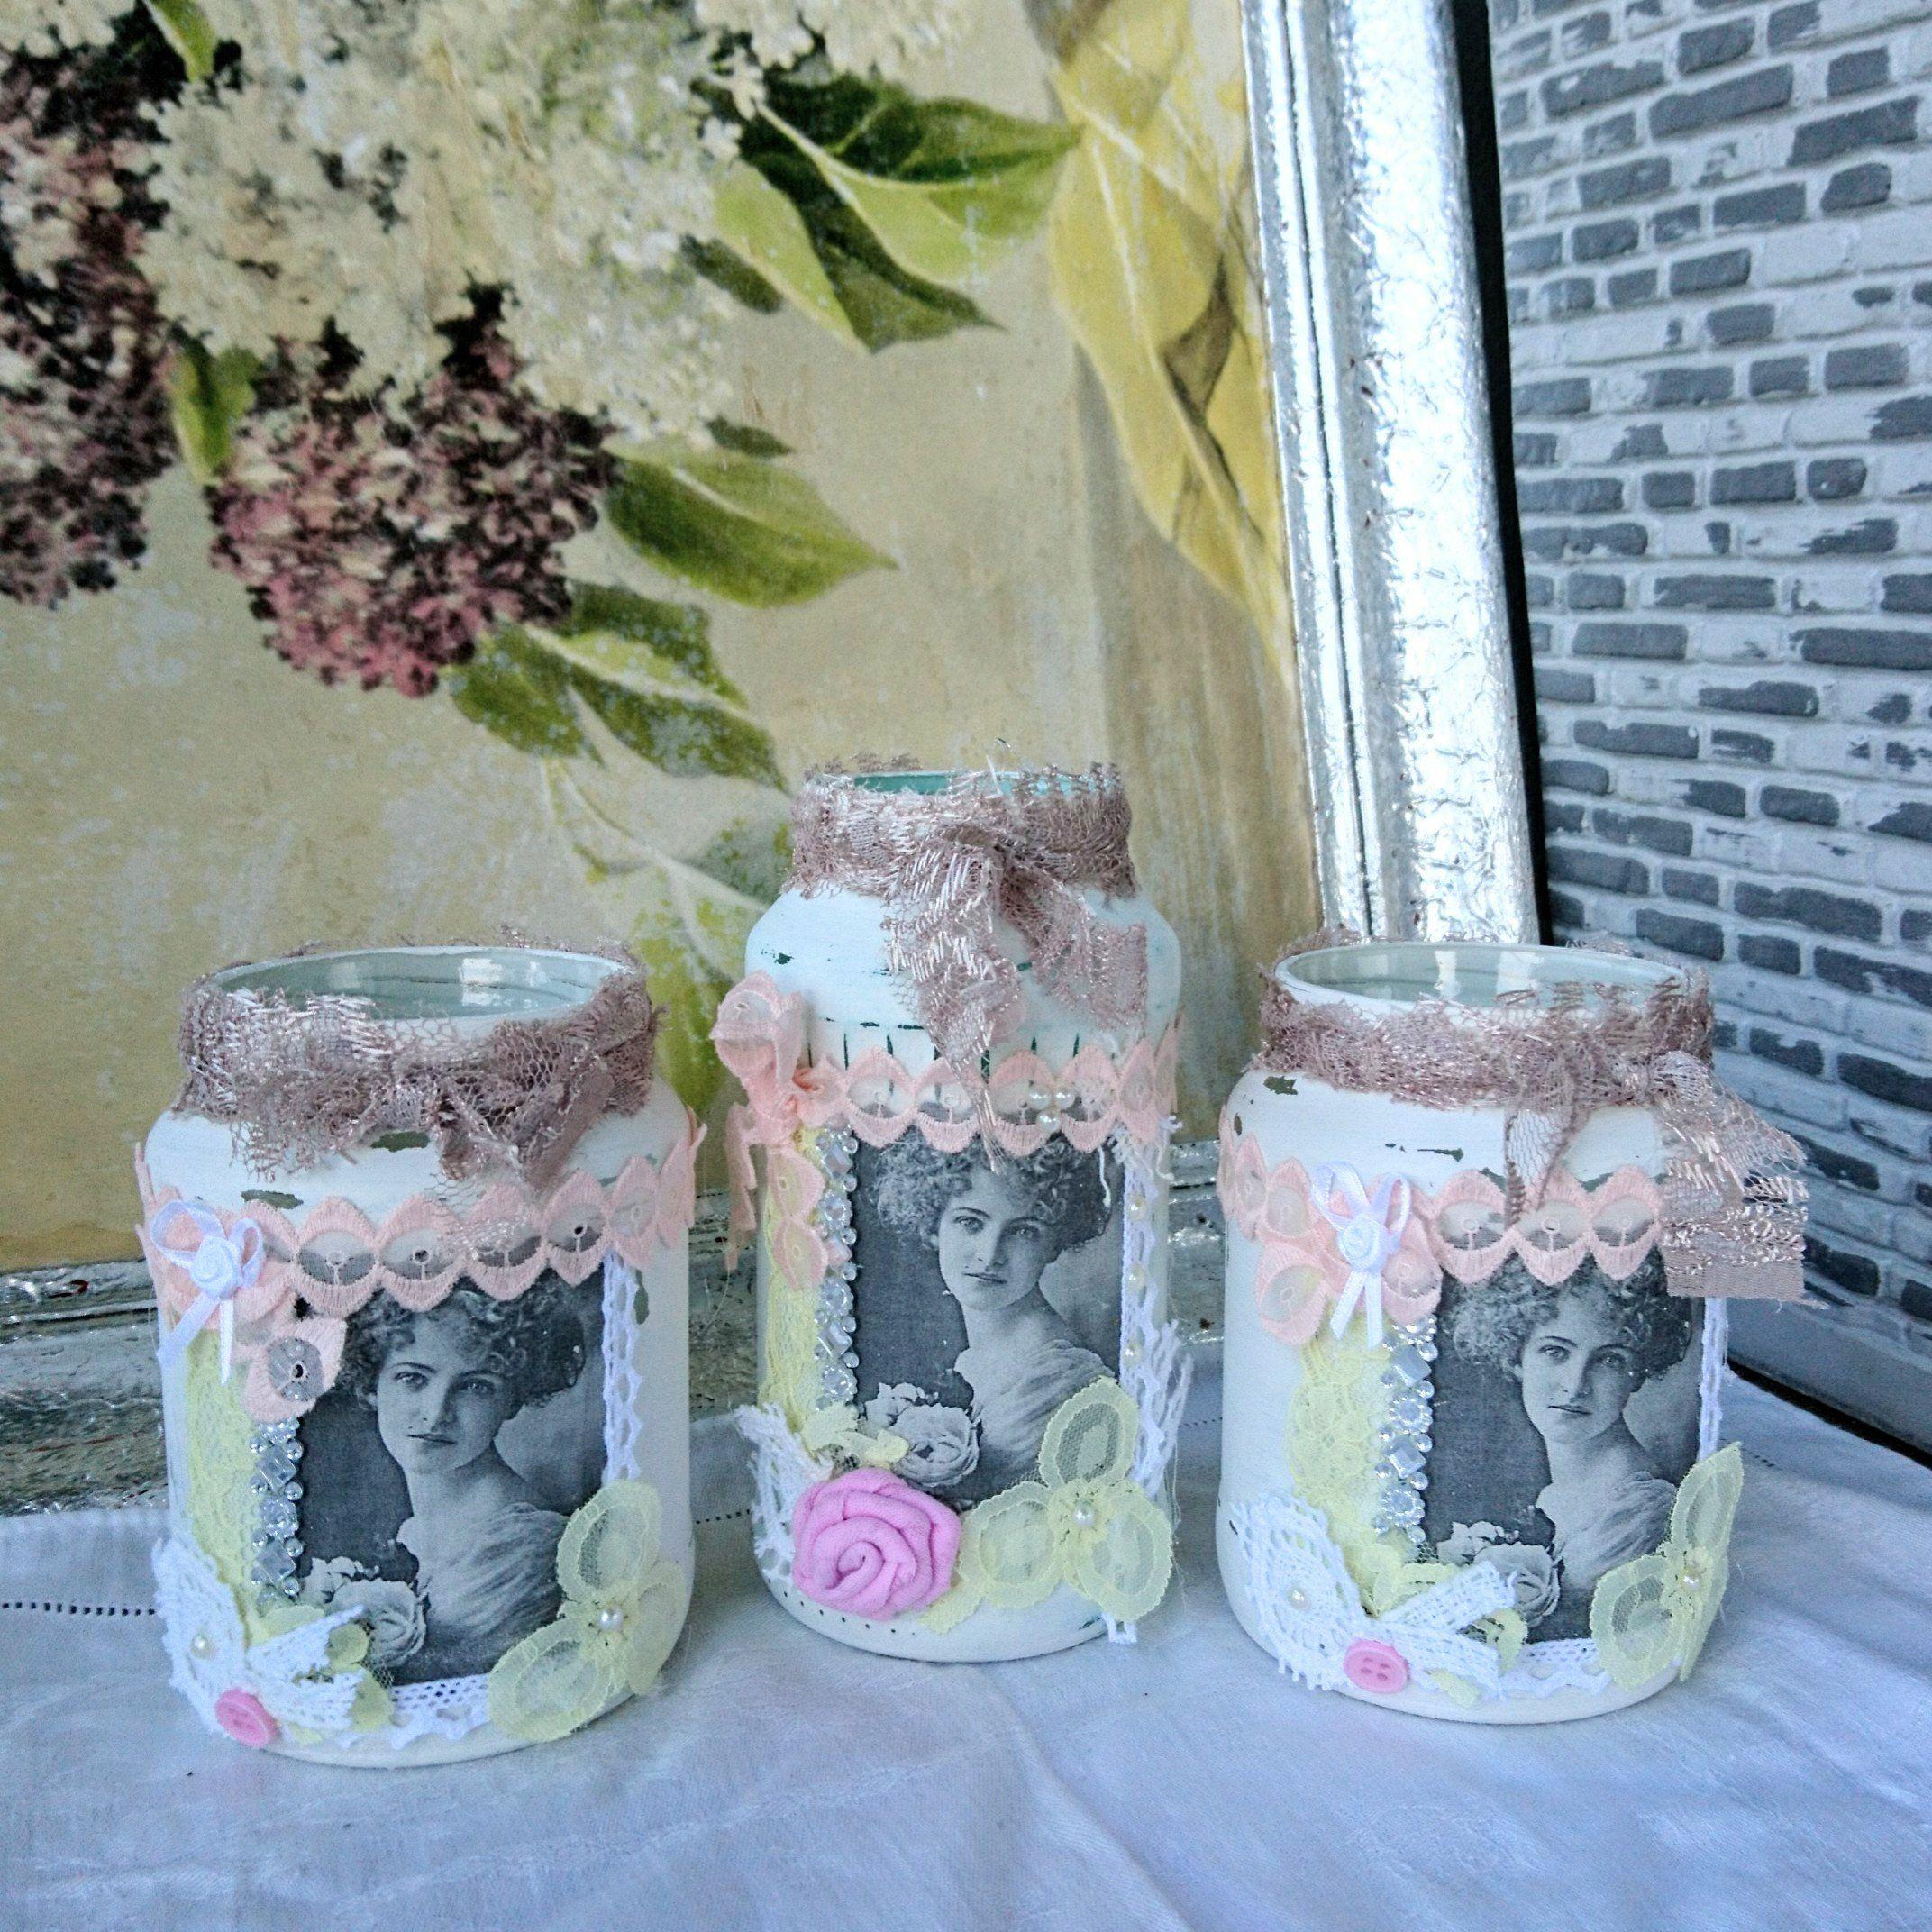 3x Shabby Chic Windlicht Deko Vintage Teelichthalter Vase Glas Tischdeko Gartendeko Romantisch Spitze Rosen Feier Gedeckter Tisch Hochzeit Teelichthalter Vase Glas Herbst Dekoration